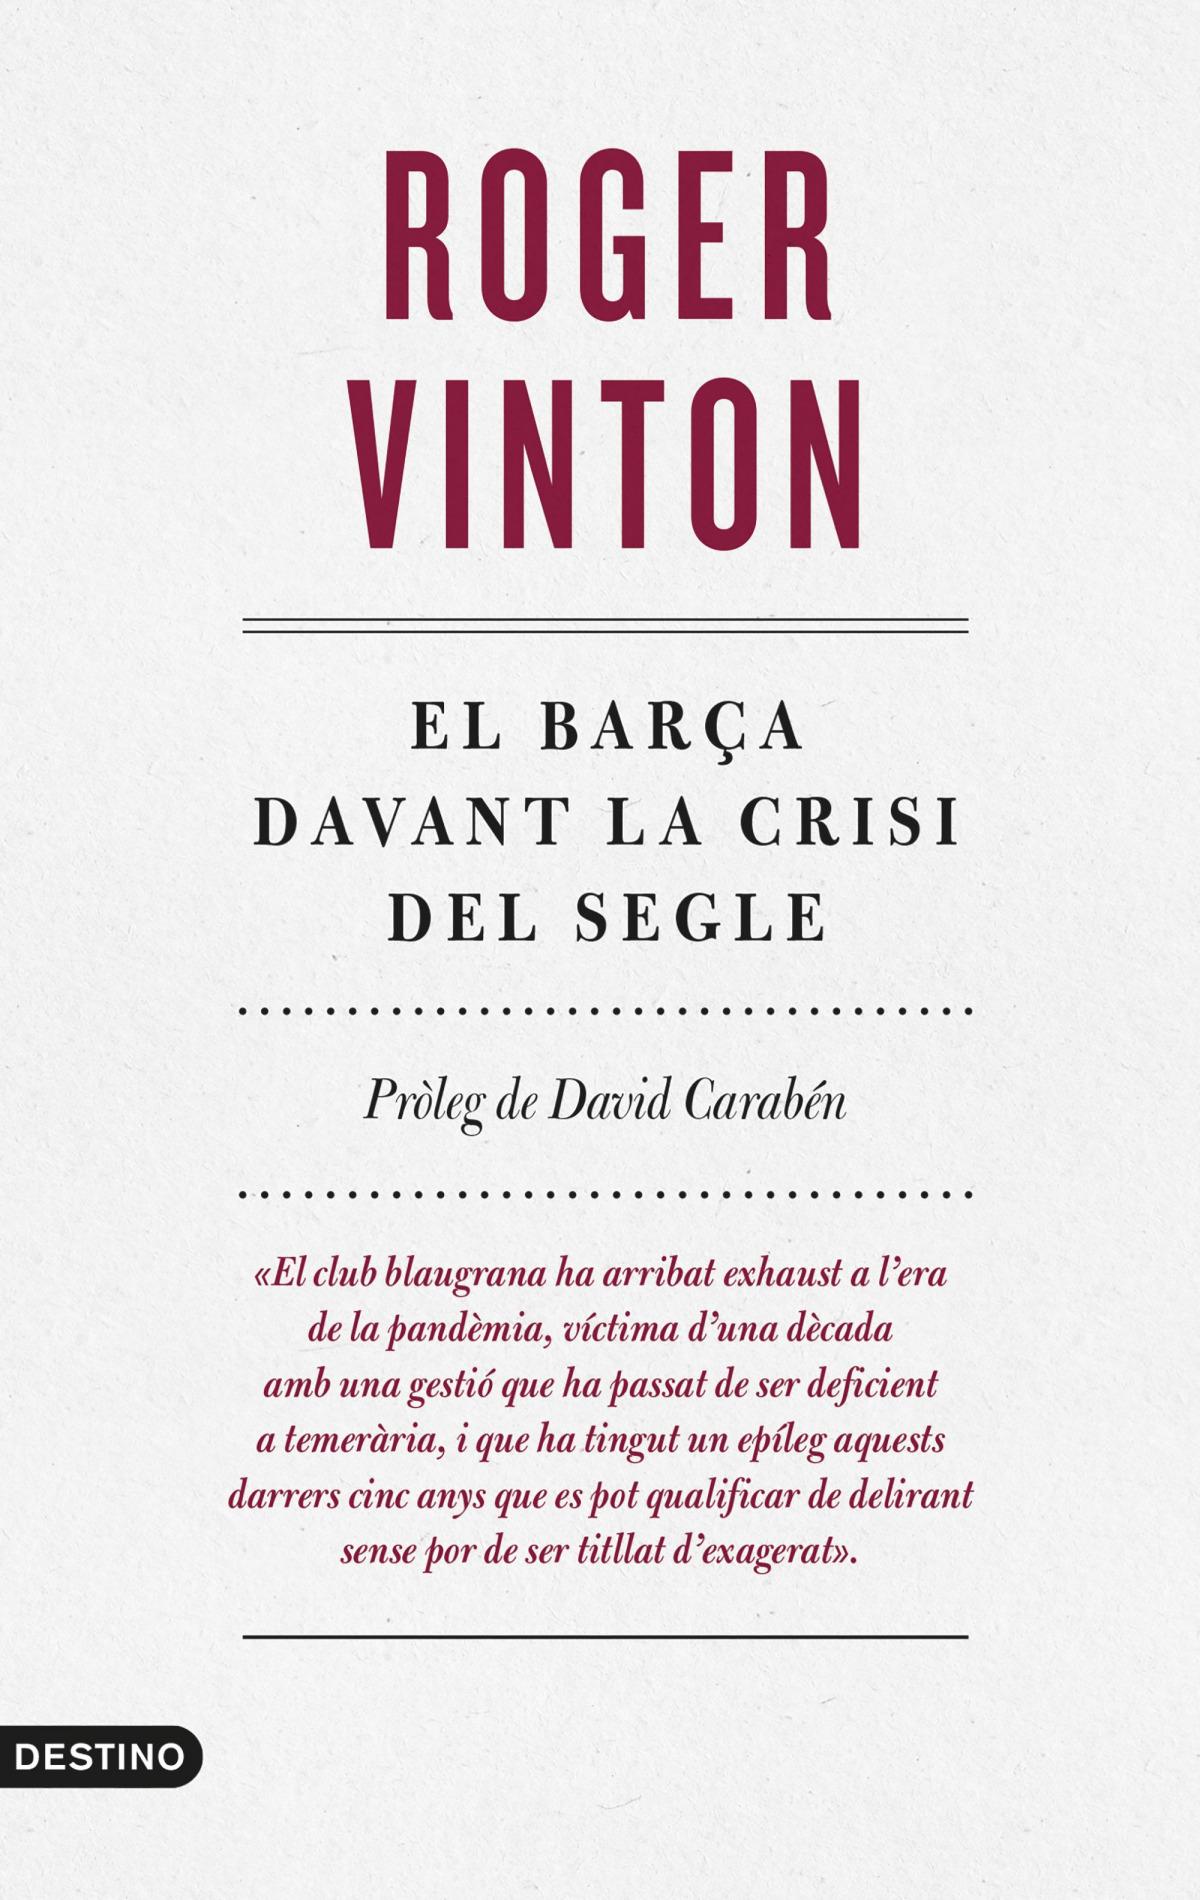 El Barça davant la crisi del segle 9788497103169